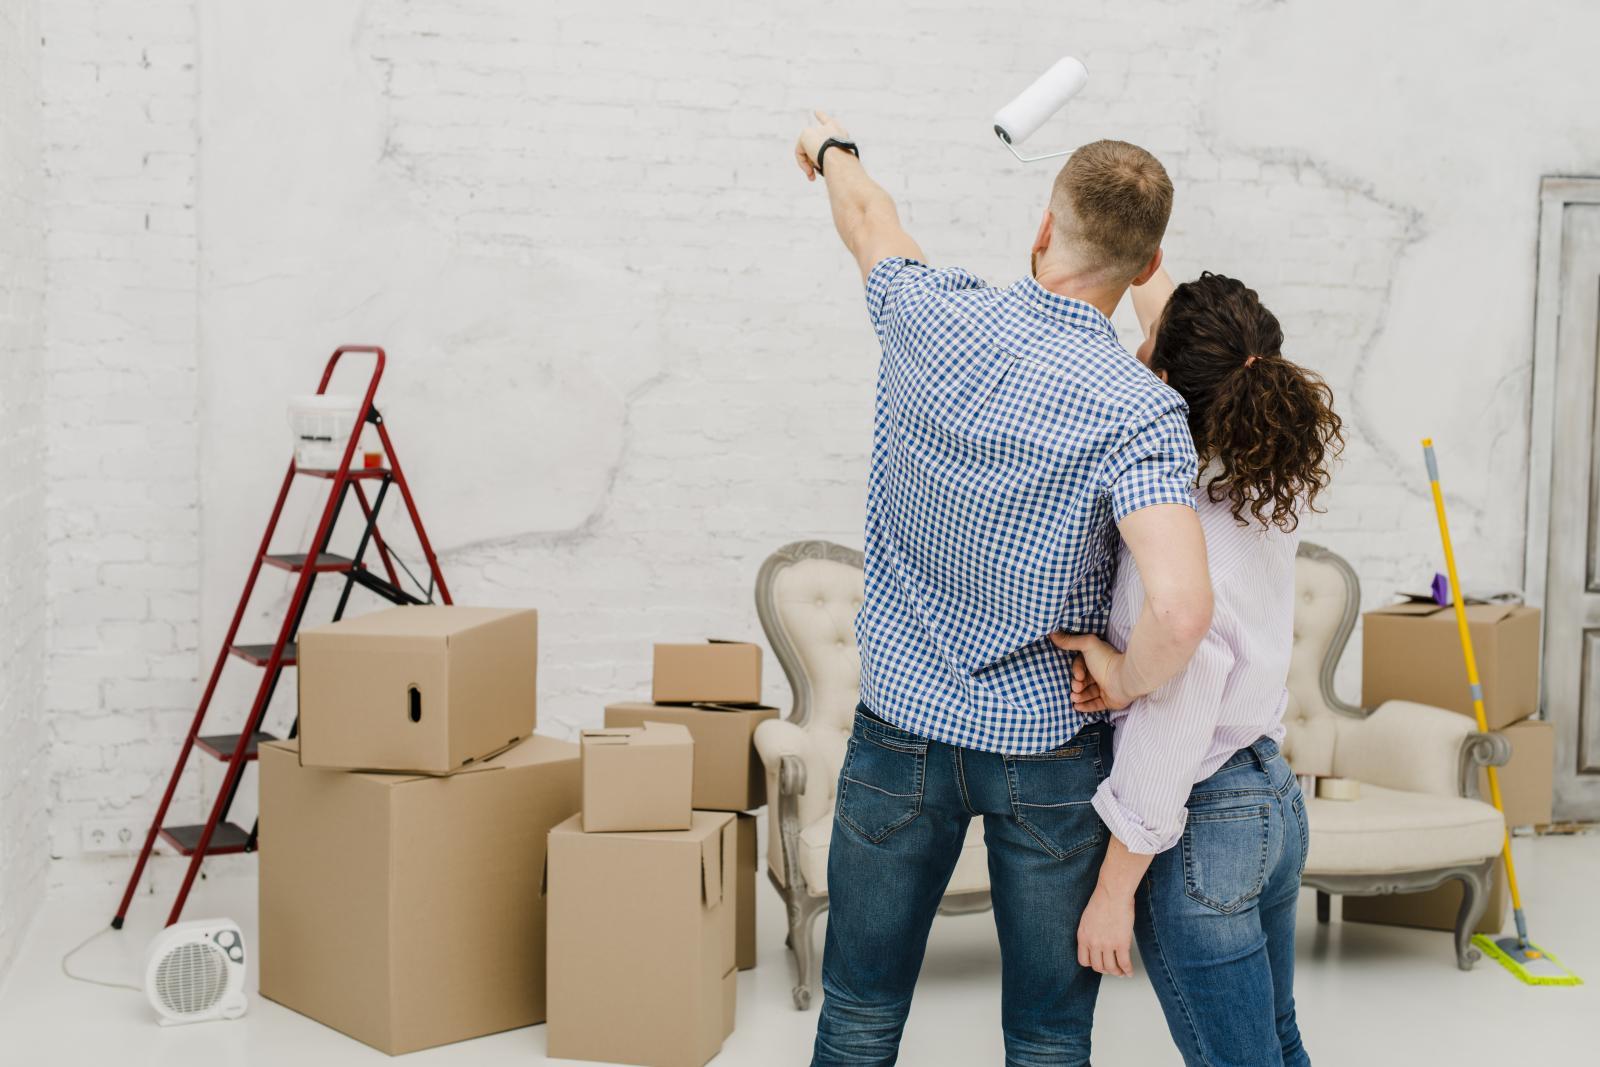 Trường hợp nào sửa chữa căn hộ chung cư không cần xin phép?